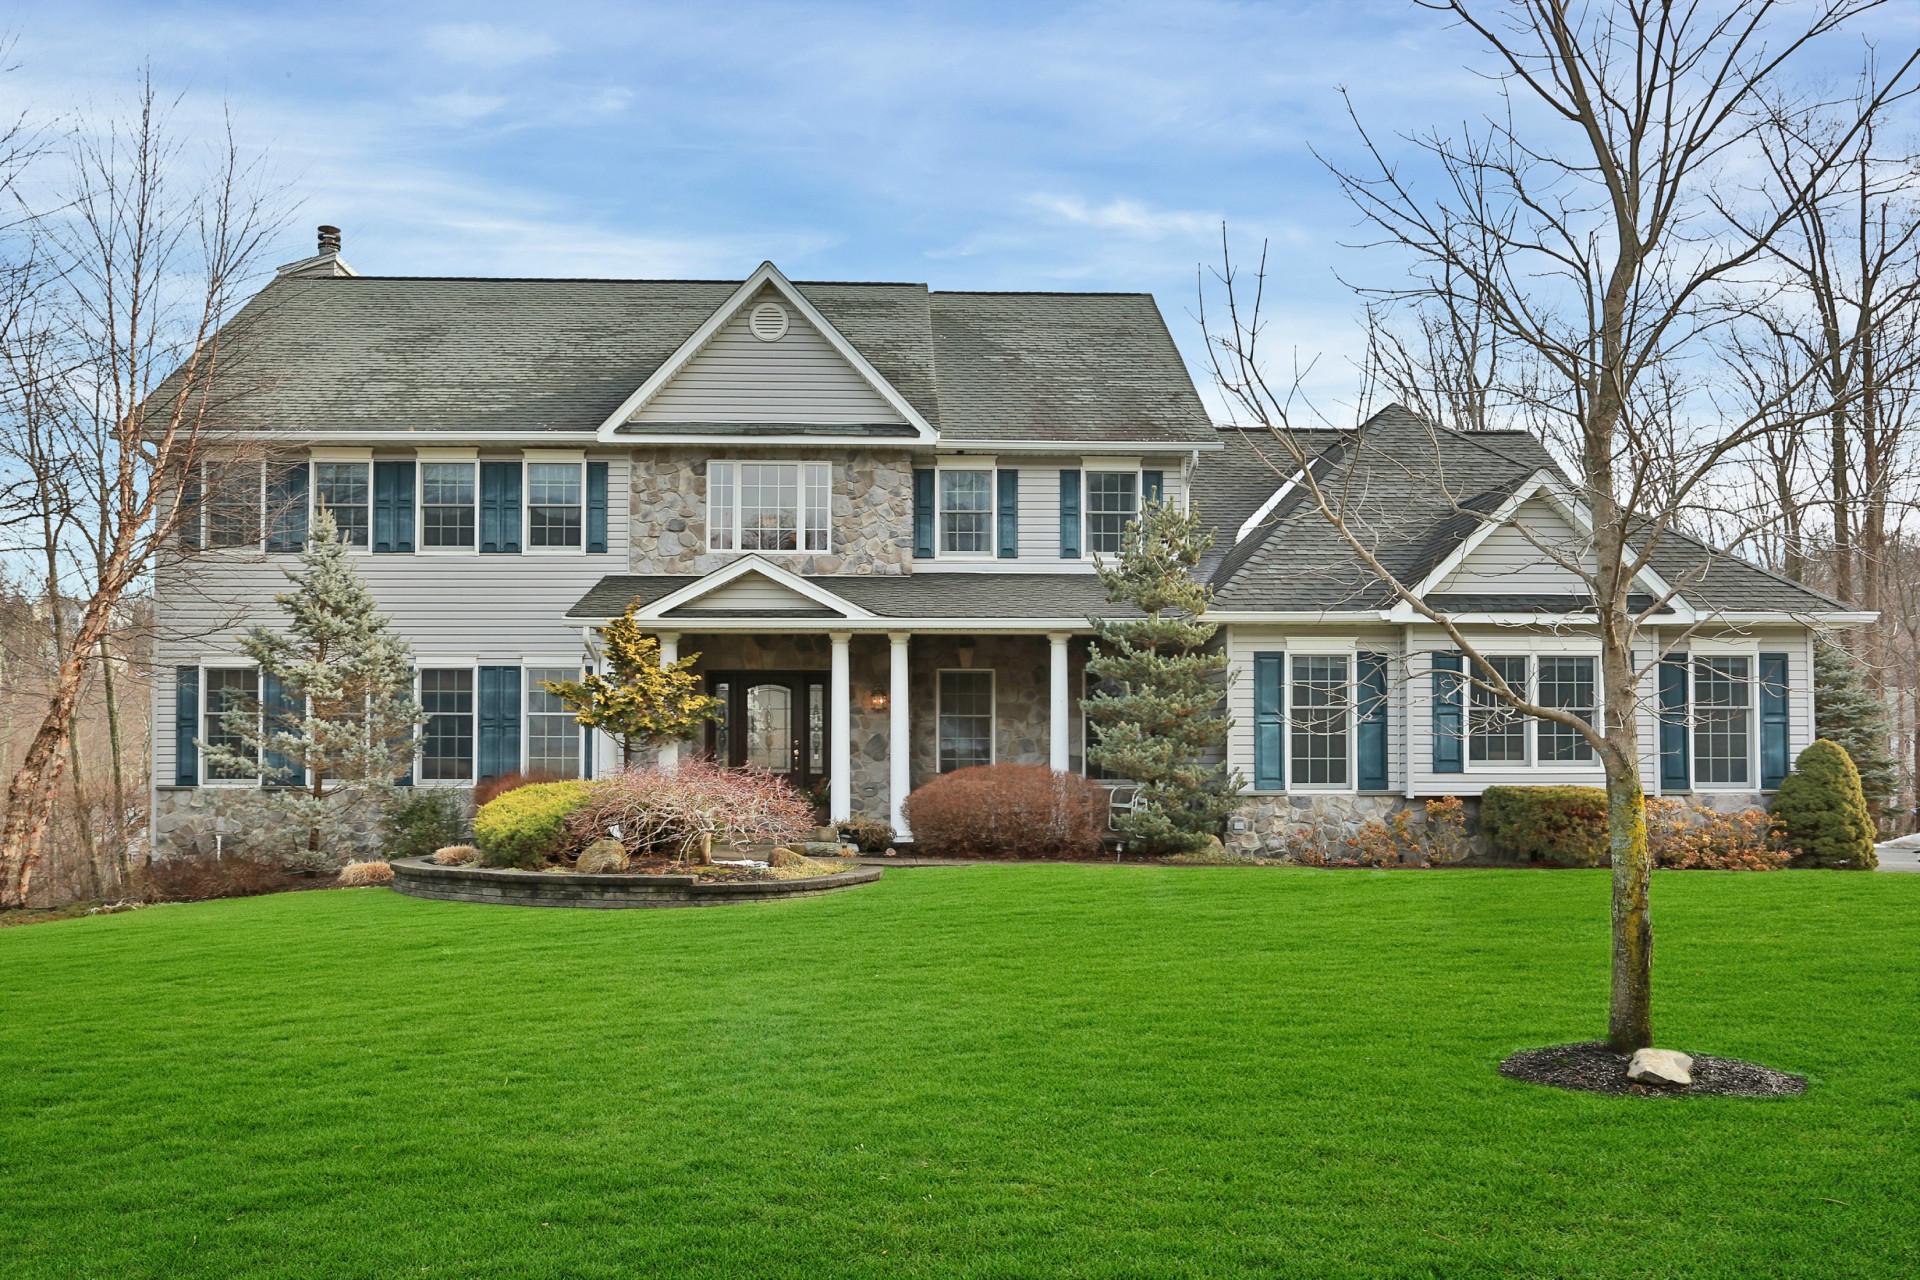 Maison unifamiliale pour l Vente à Beautifully Maintained Colonial 12 Pierce Drive Stony Point, New York 10980 États-Unis